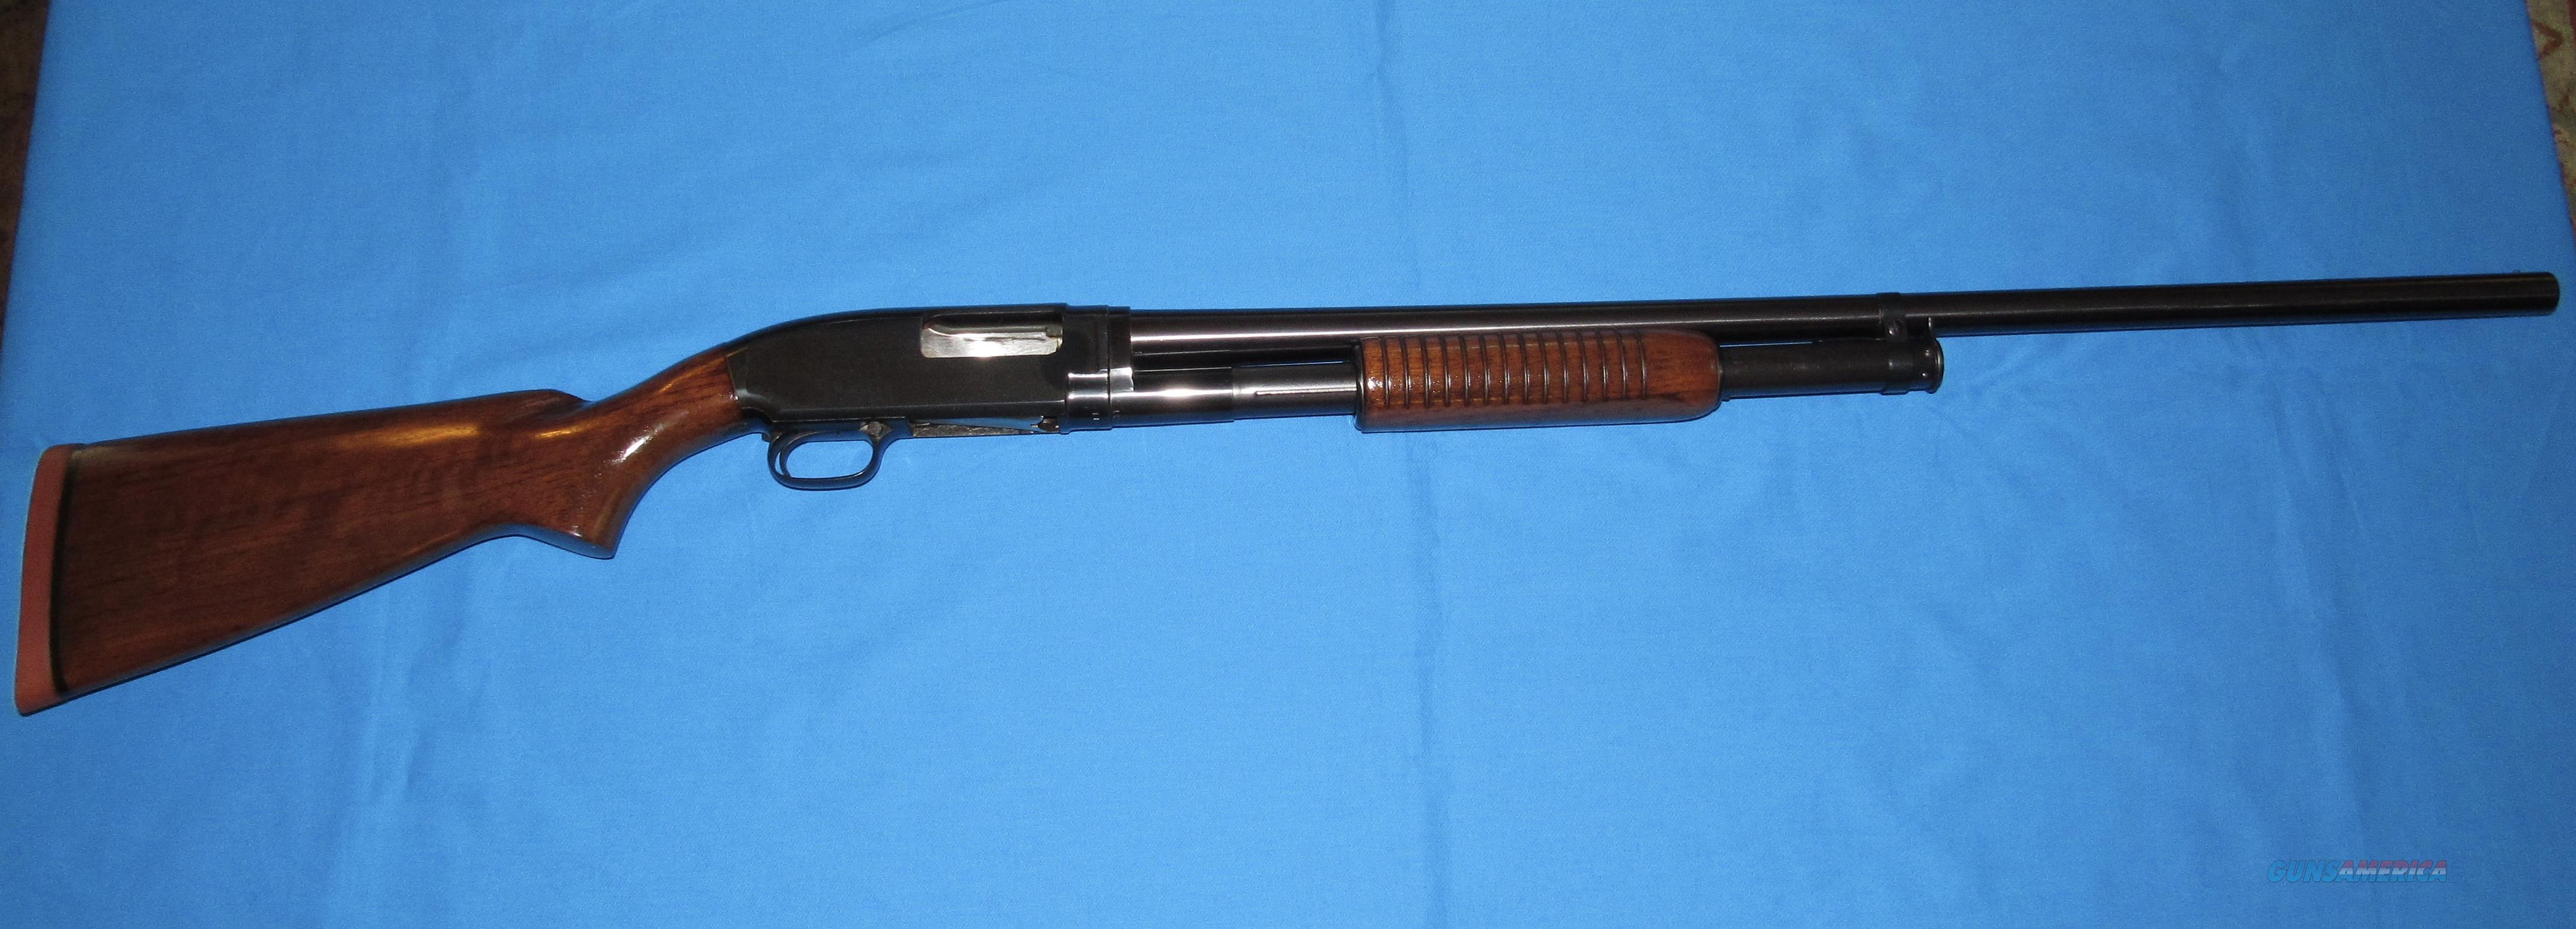 WINCHESTER HEAVY DUCK 12 GAUGE PUMP SHOTGUN  Guns > Shotguns > Winchester Shotguns - Modern > Pump Action > Hunting